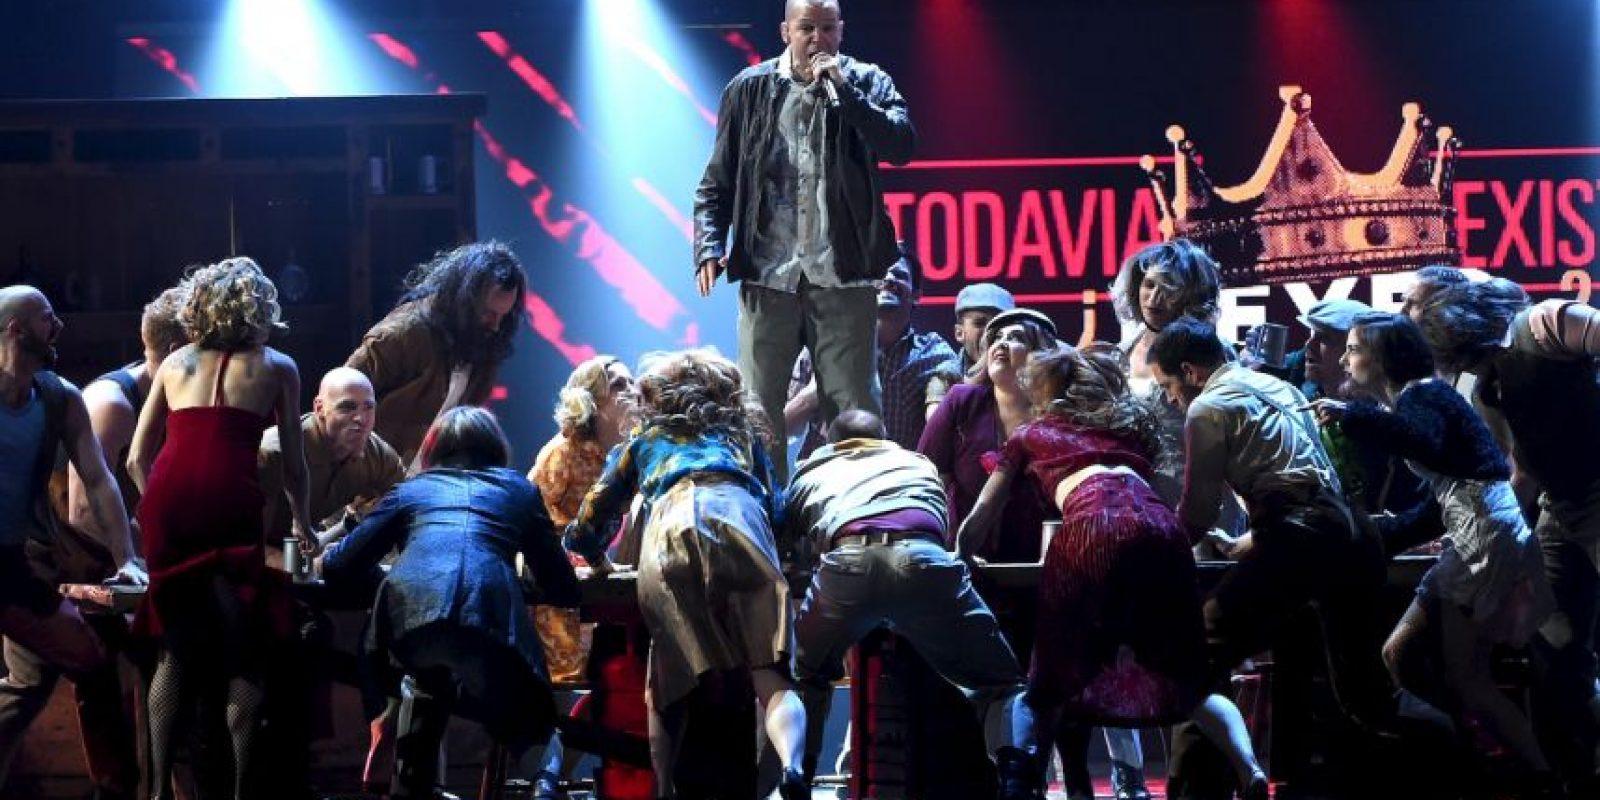 La banda se caracteriza por su estilo musical ecléctico Foto:Getty Images